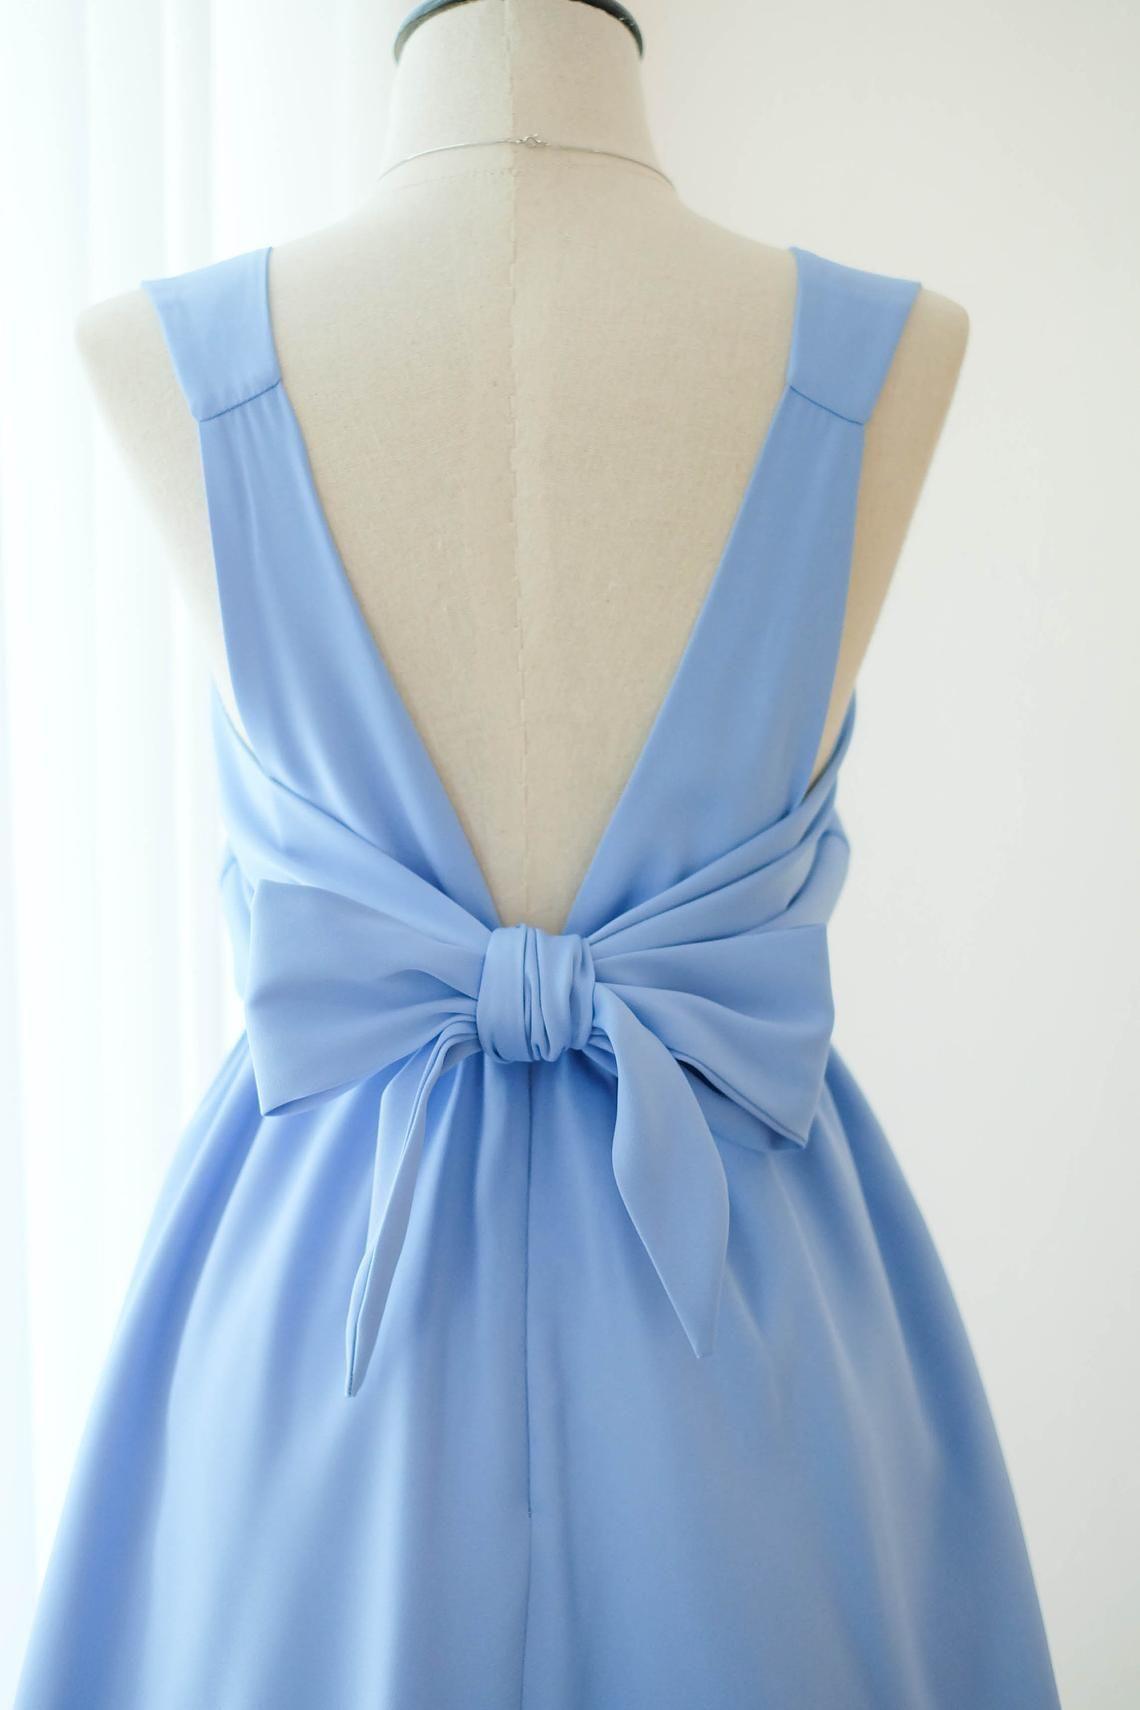 Satin Himmel Blau Kleid Blau Brautjungfer Kleid Hochzeit